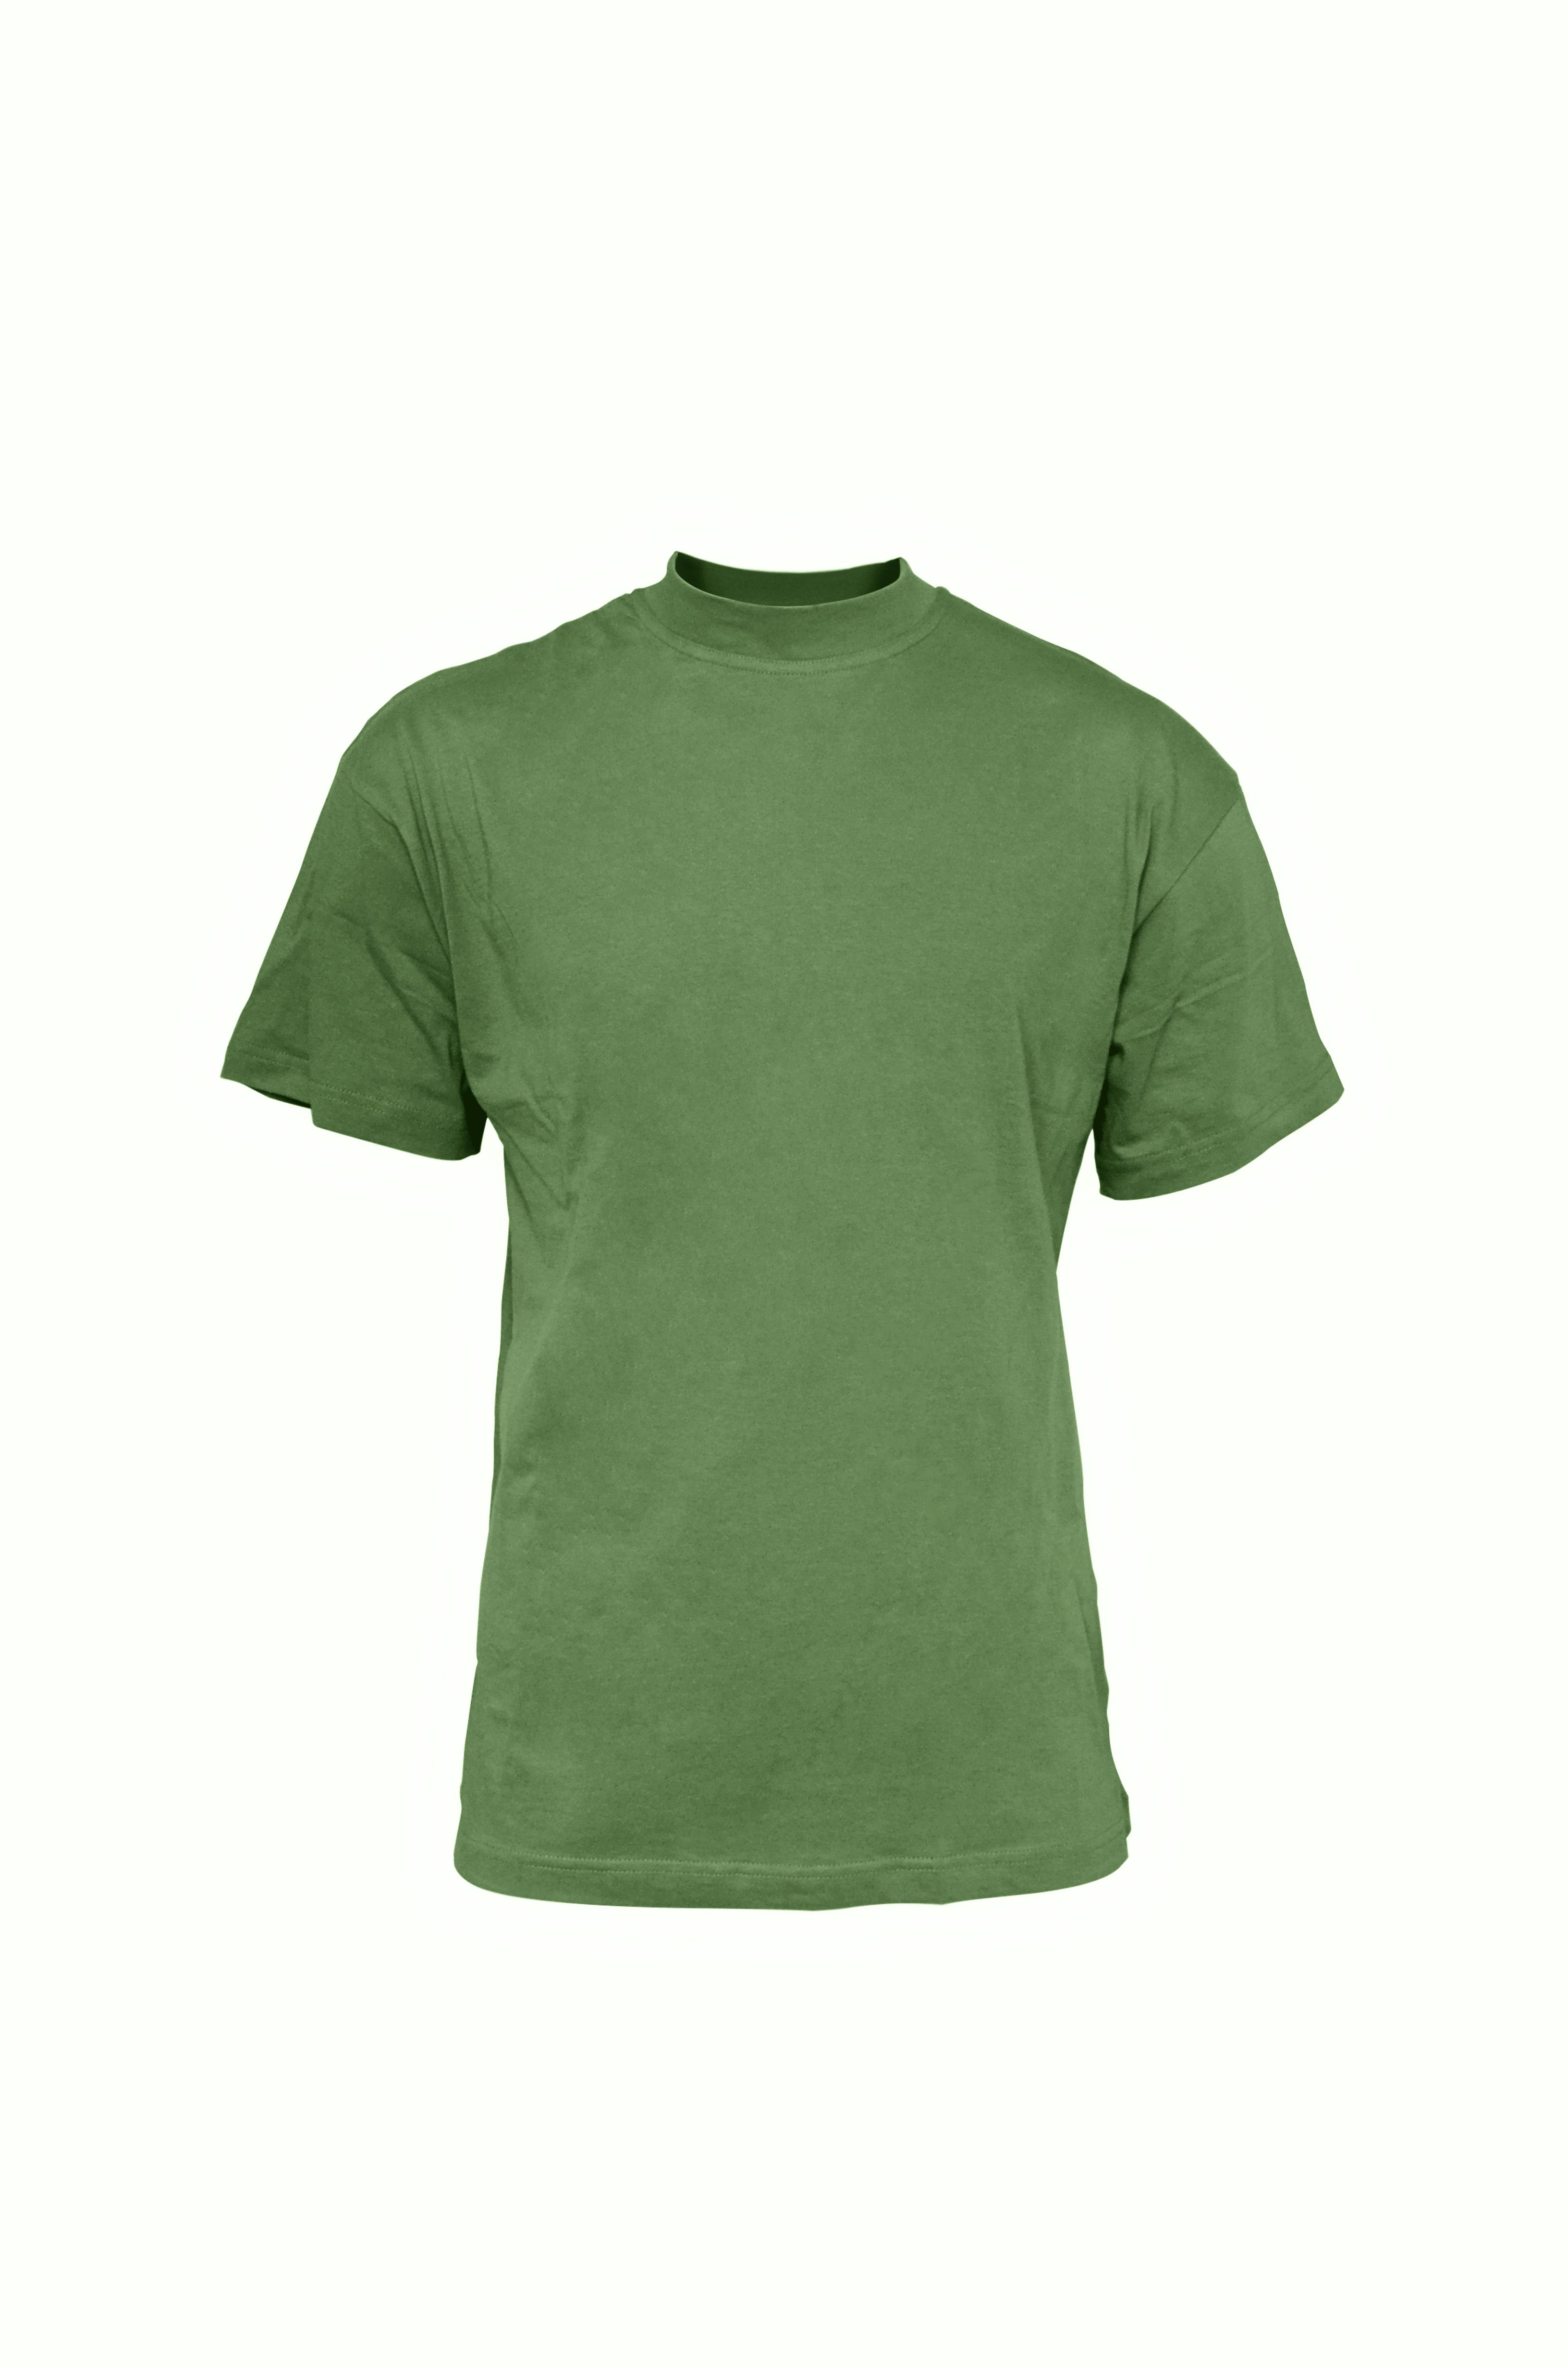 Triko krátký rukáv zelené AČR